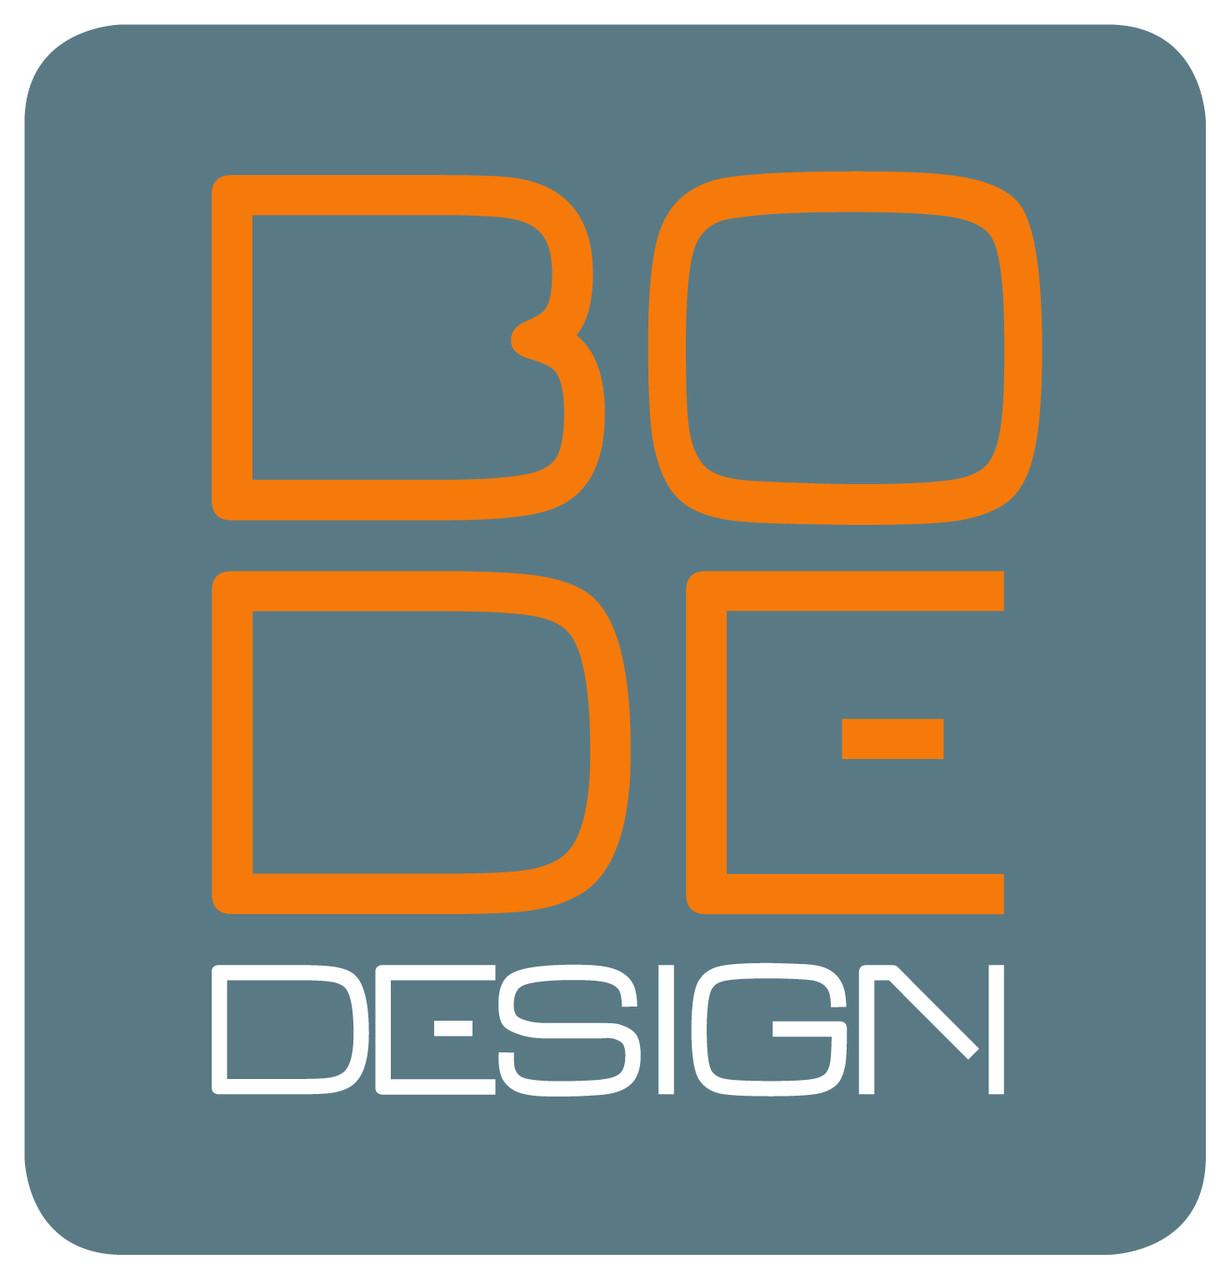 http://www.bode-design.de/